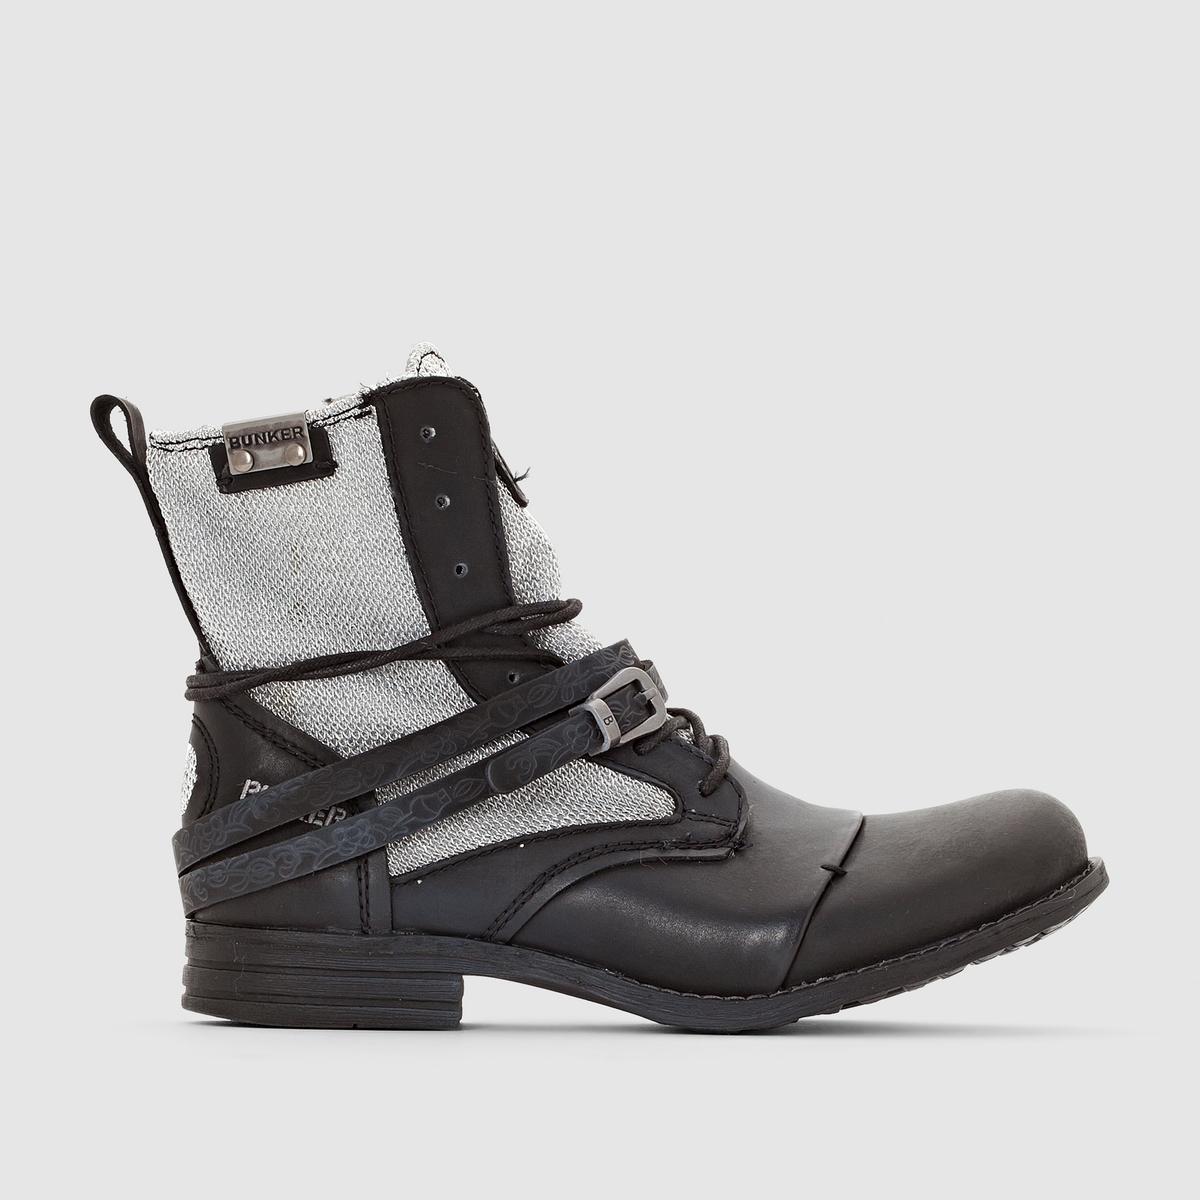 Сапоги SARA от BUNKERBunker всегда нас удивляет своими оригинальными, модными и полными жизни моделями: доказательством служат эти сапоги на молнии и шнуровке, с ремешками и стильными деталями, пробуждающими желание шагать по городу уверенным шагом.<br><br>Цвет: черный<br>Размер: 37.38.39